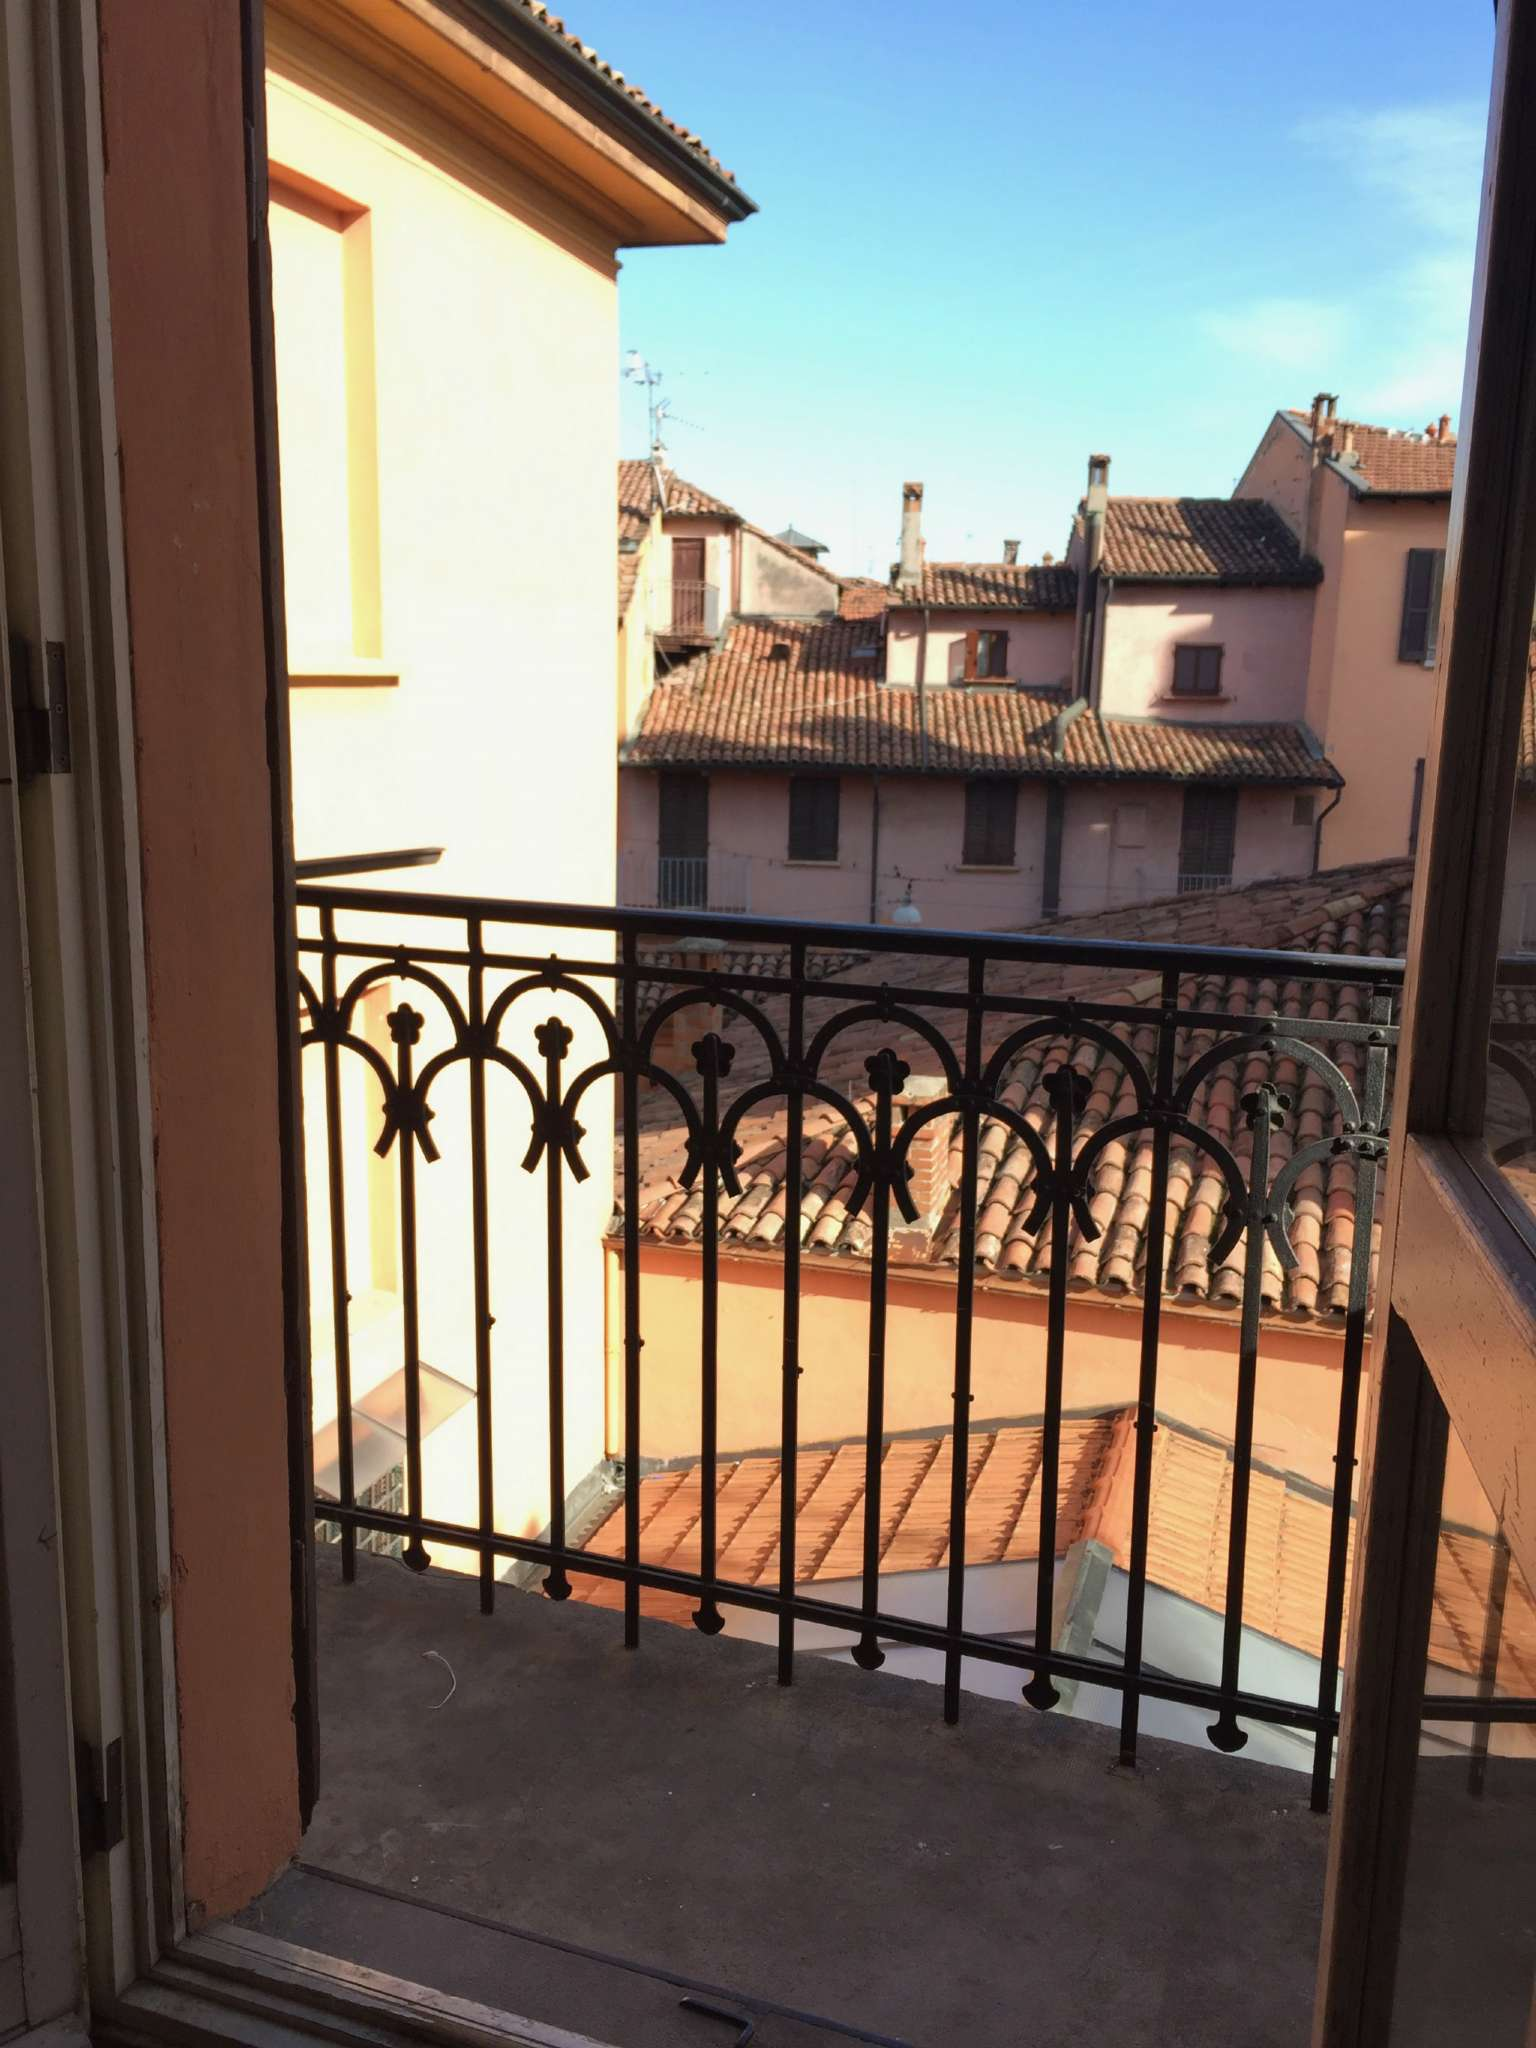 Appartamento in vendita  106 mq.  vicolo bianchetti Bologna